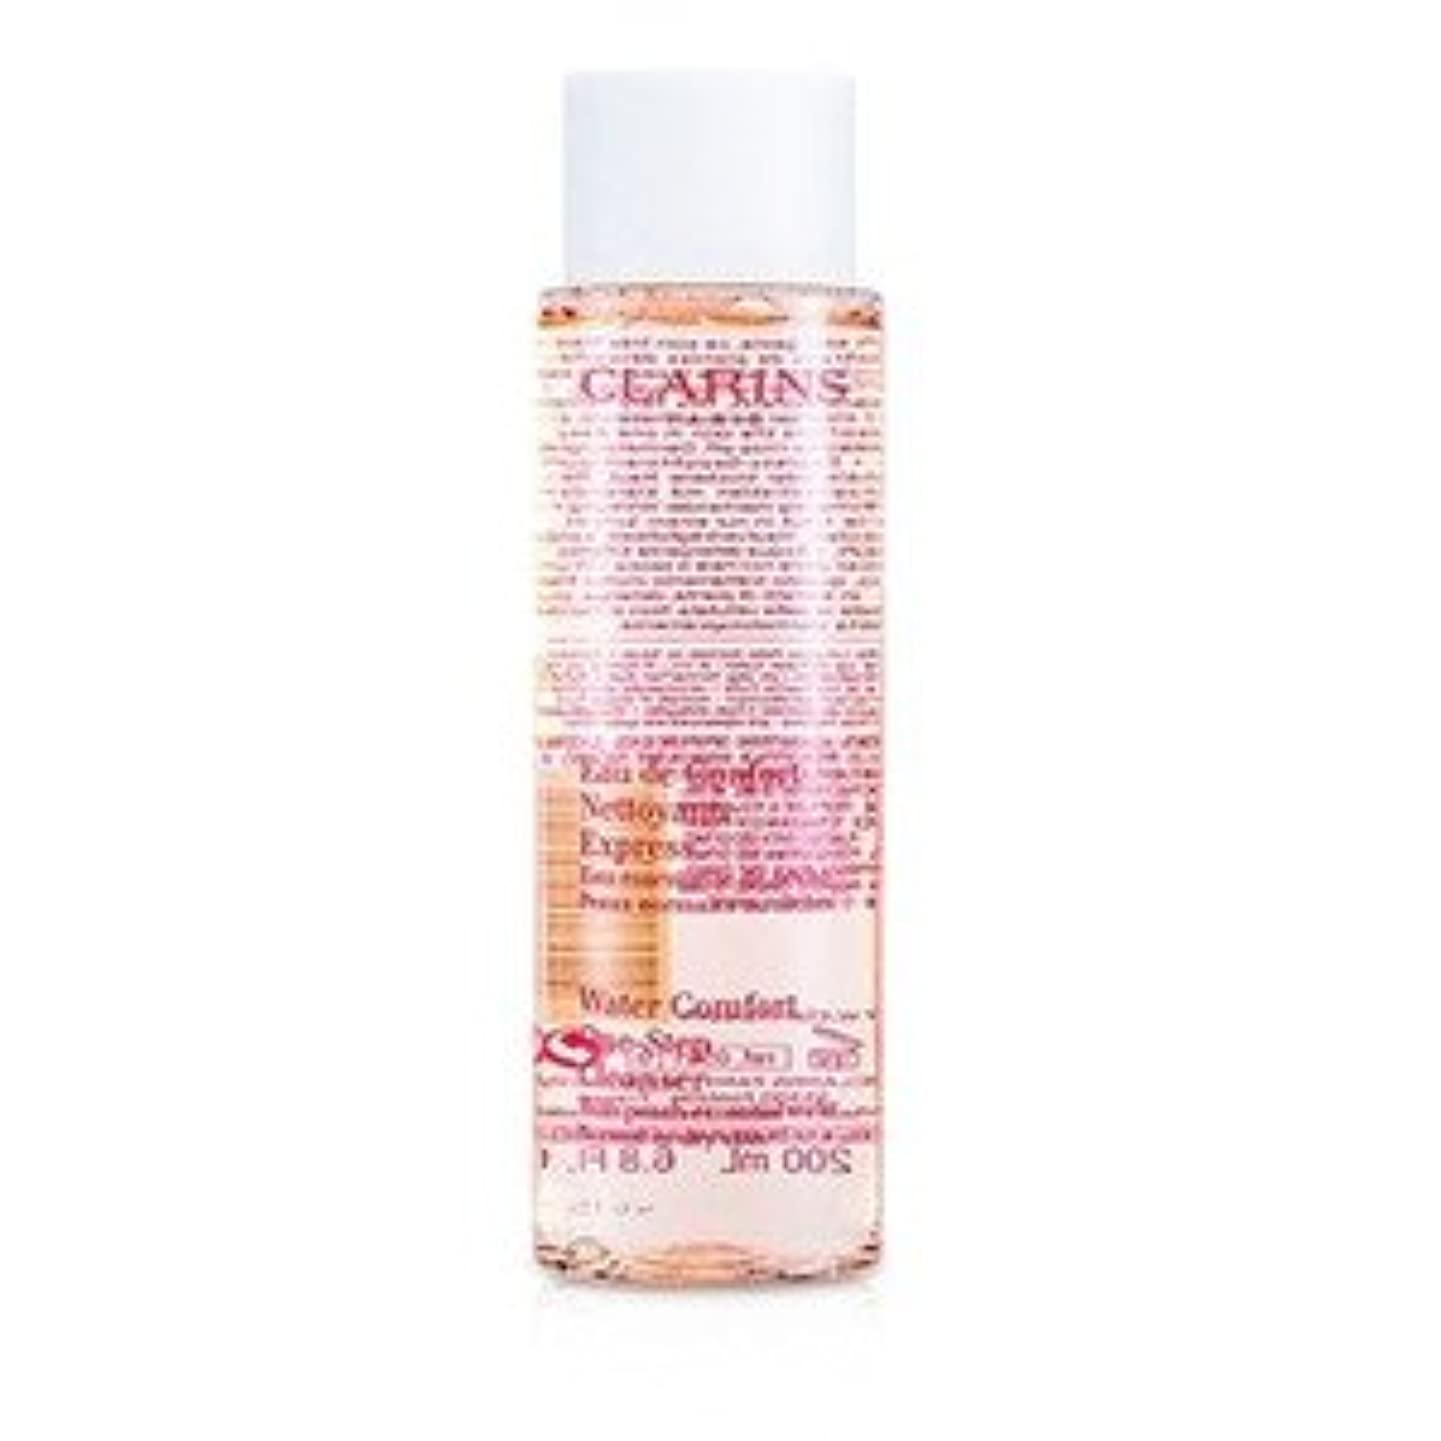 感嘆符道徳教育そのようなCLARINS(クラランス) ウォーター コンフォート ワンステップ クレンザー w/ Peach Essential Water(For Normal or Dry Skin) 200ml/6.8oz [並行輸入品]